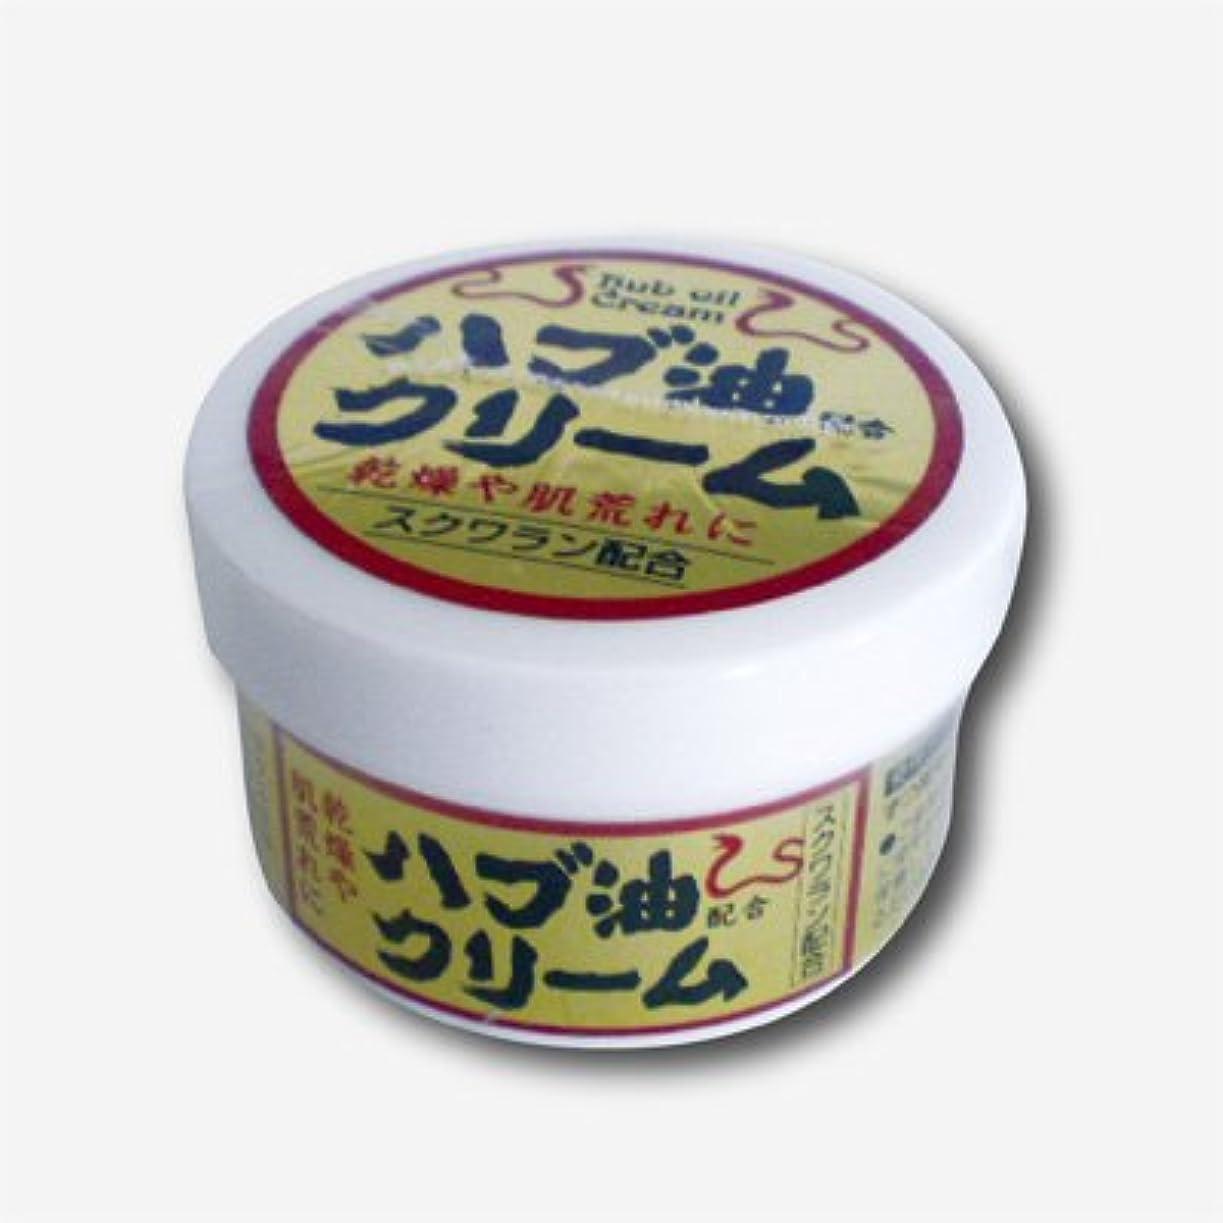 刺す返済定期的なハブ油配合クリーム 1個【1個?50g】